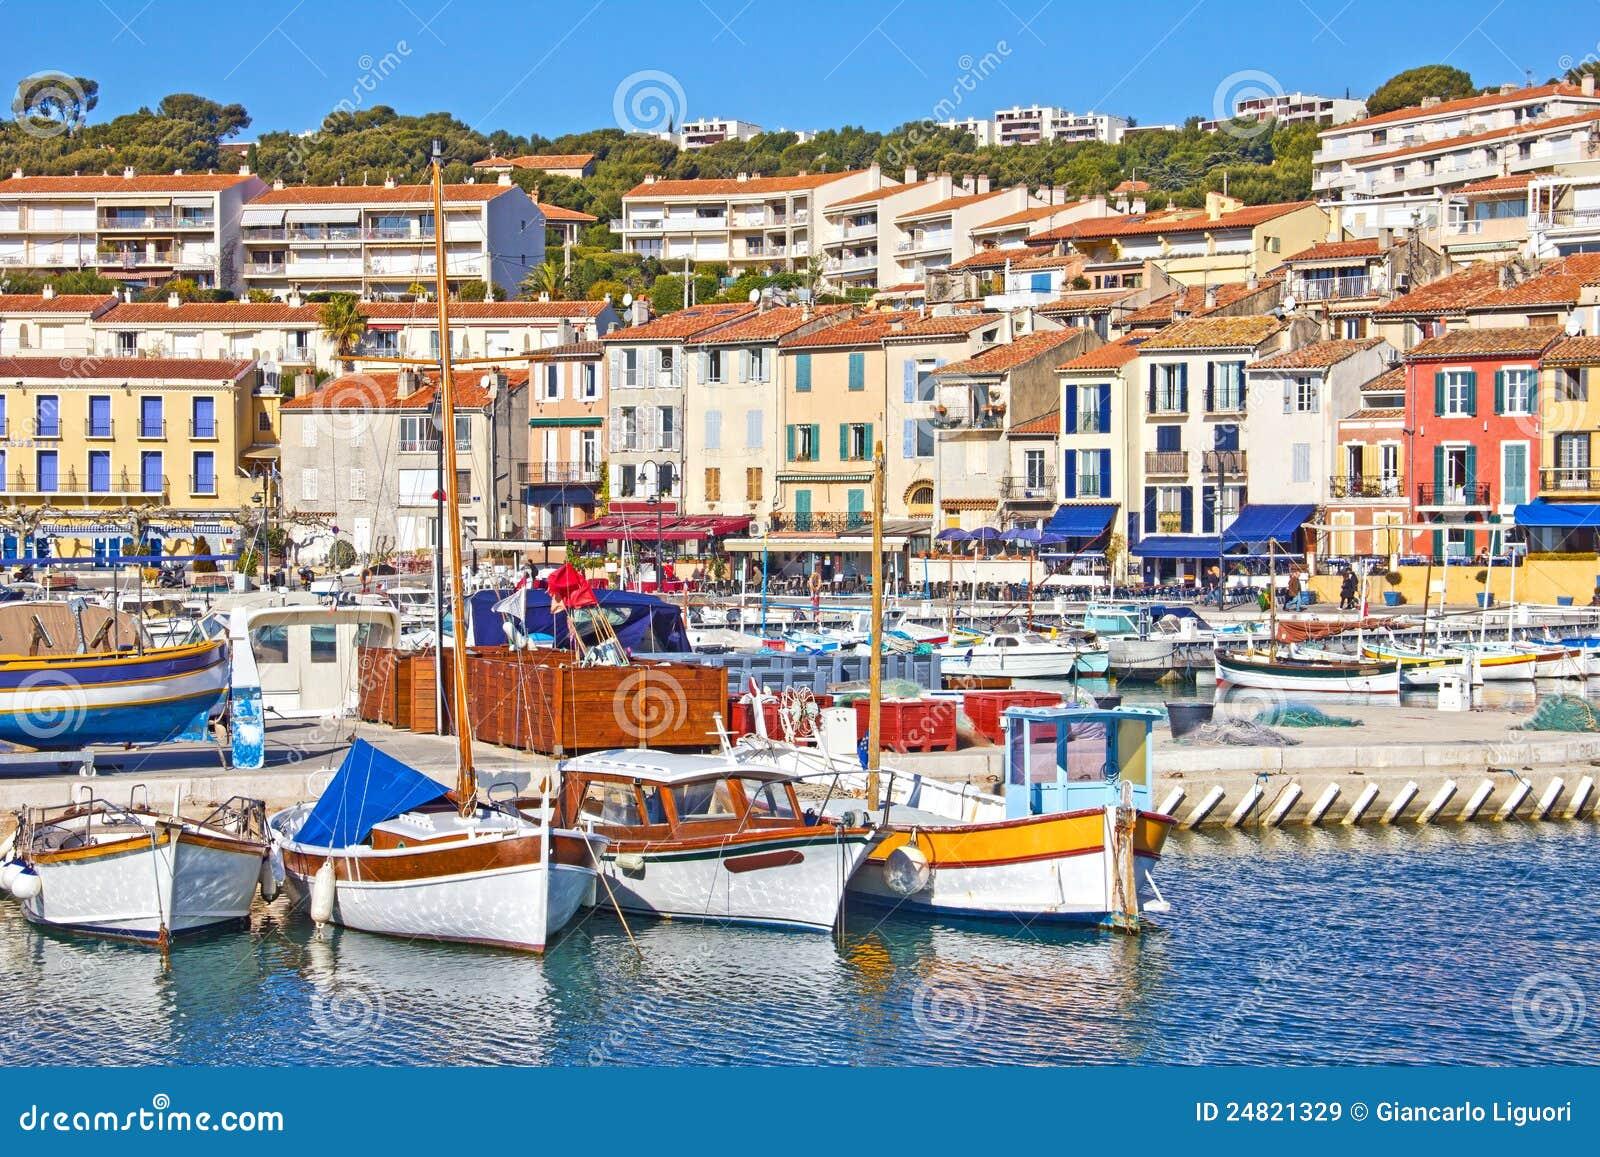 Port de cassis sud de la france image stock image du for Sud de la france hotel